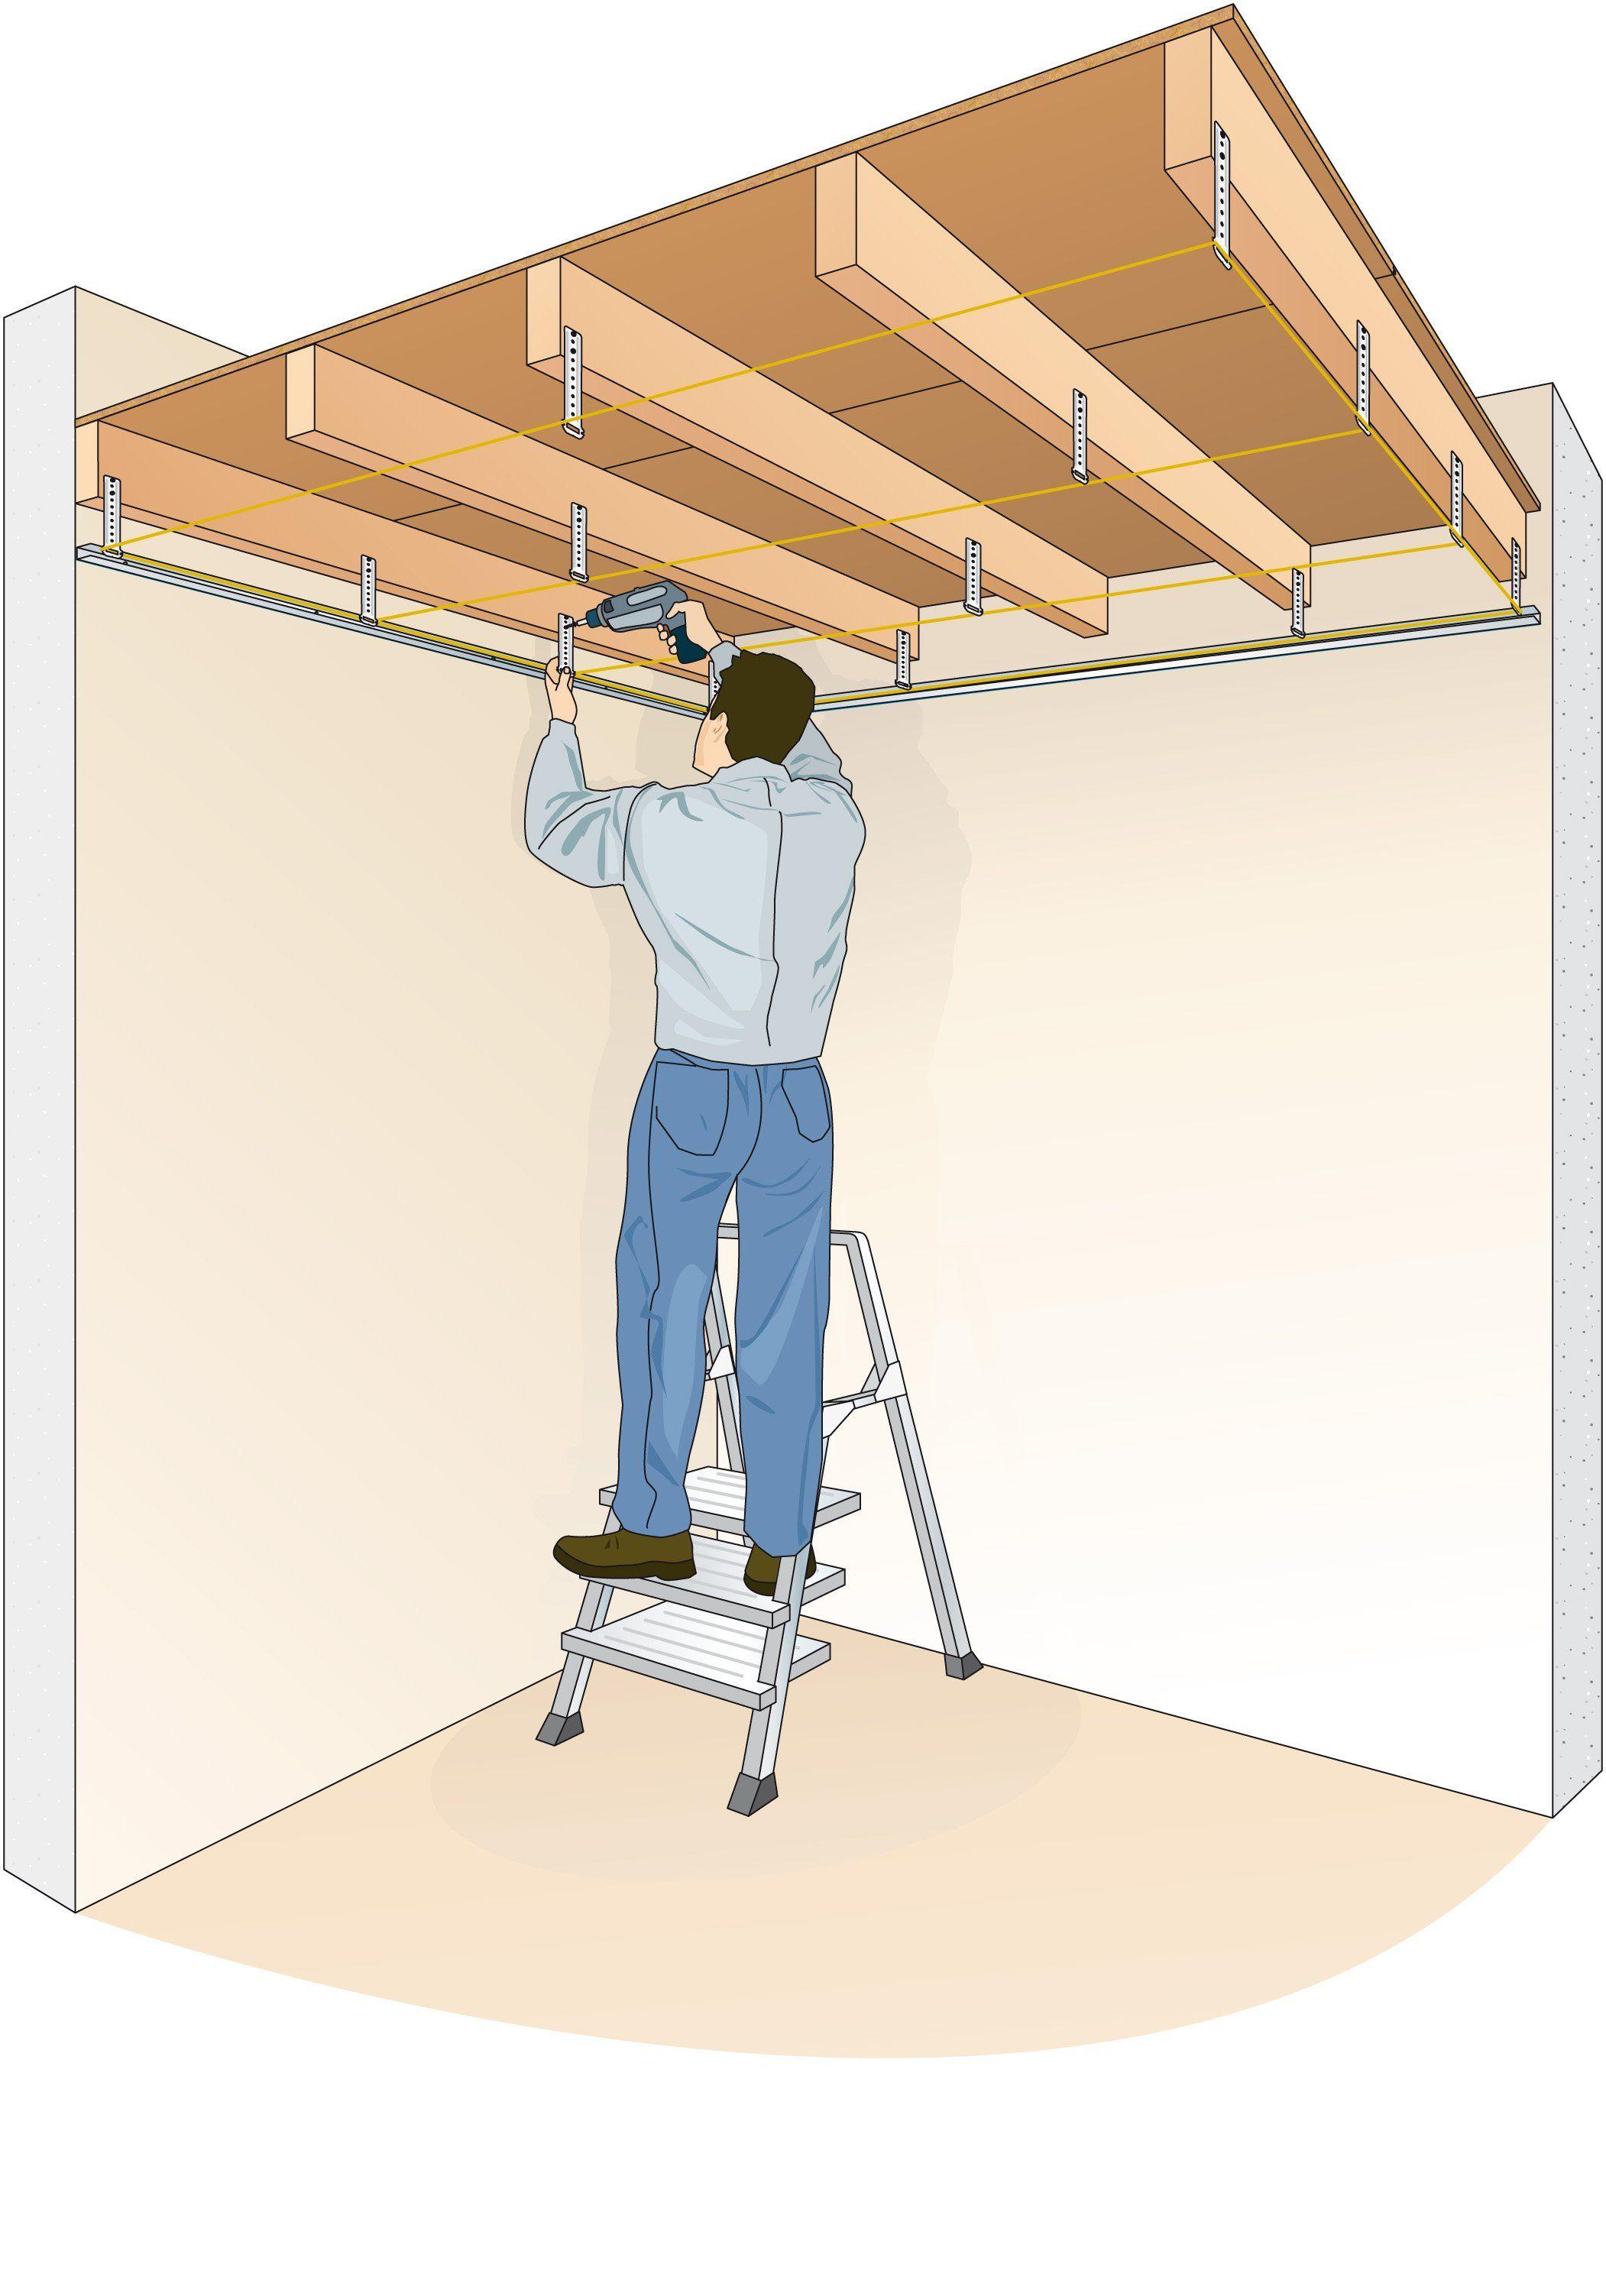 Comment Realiser La Pose D Un Plafond Placo Decouvrez La Mise En œuvre Du Plafond Prf Stil F530 Caracteristiqu Plafond Plafond Suspendu Isolation Plafond